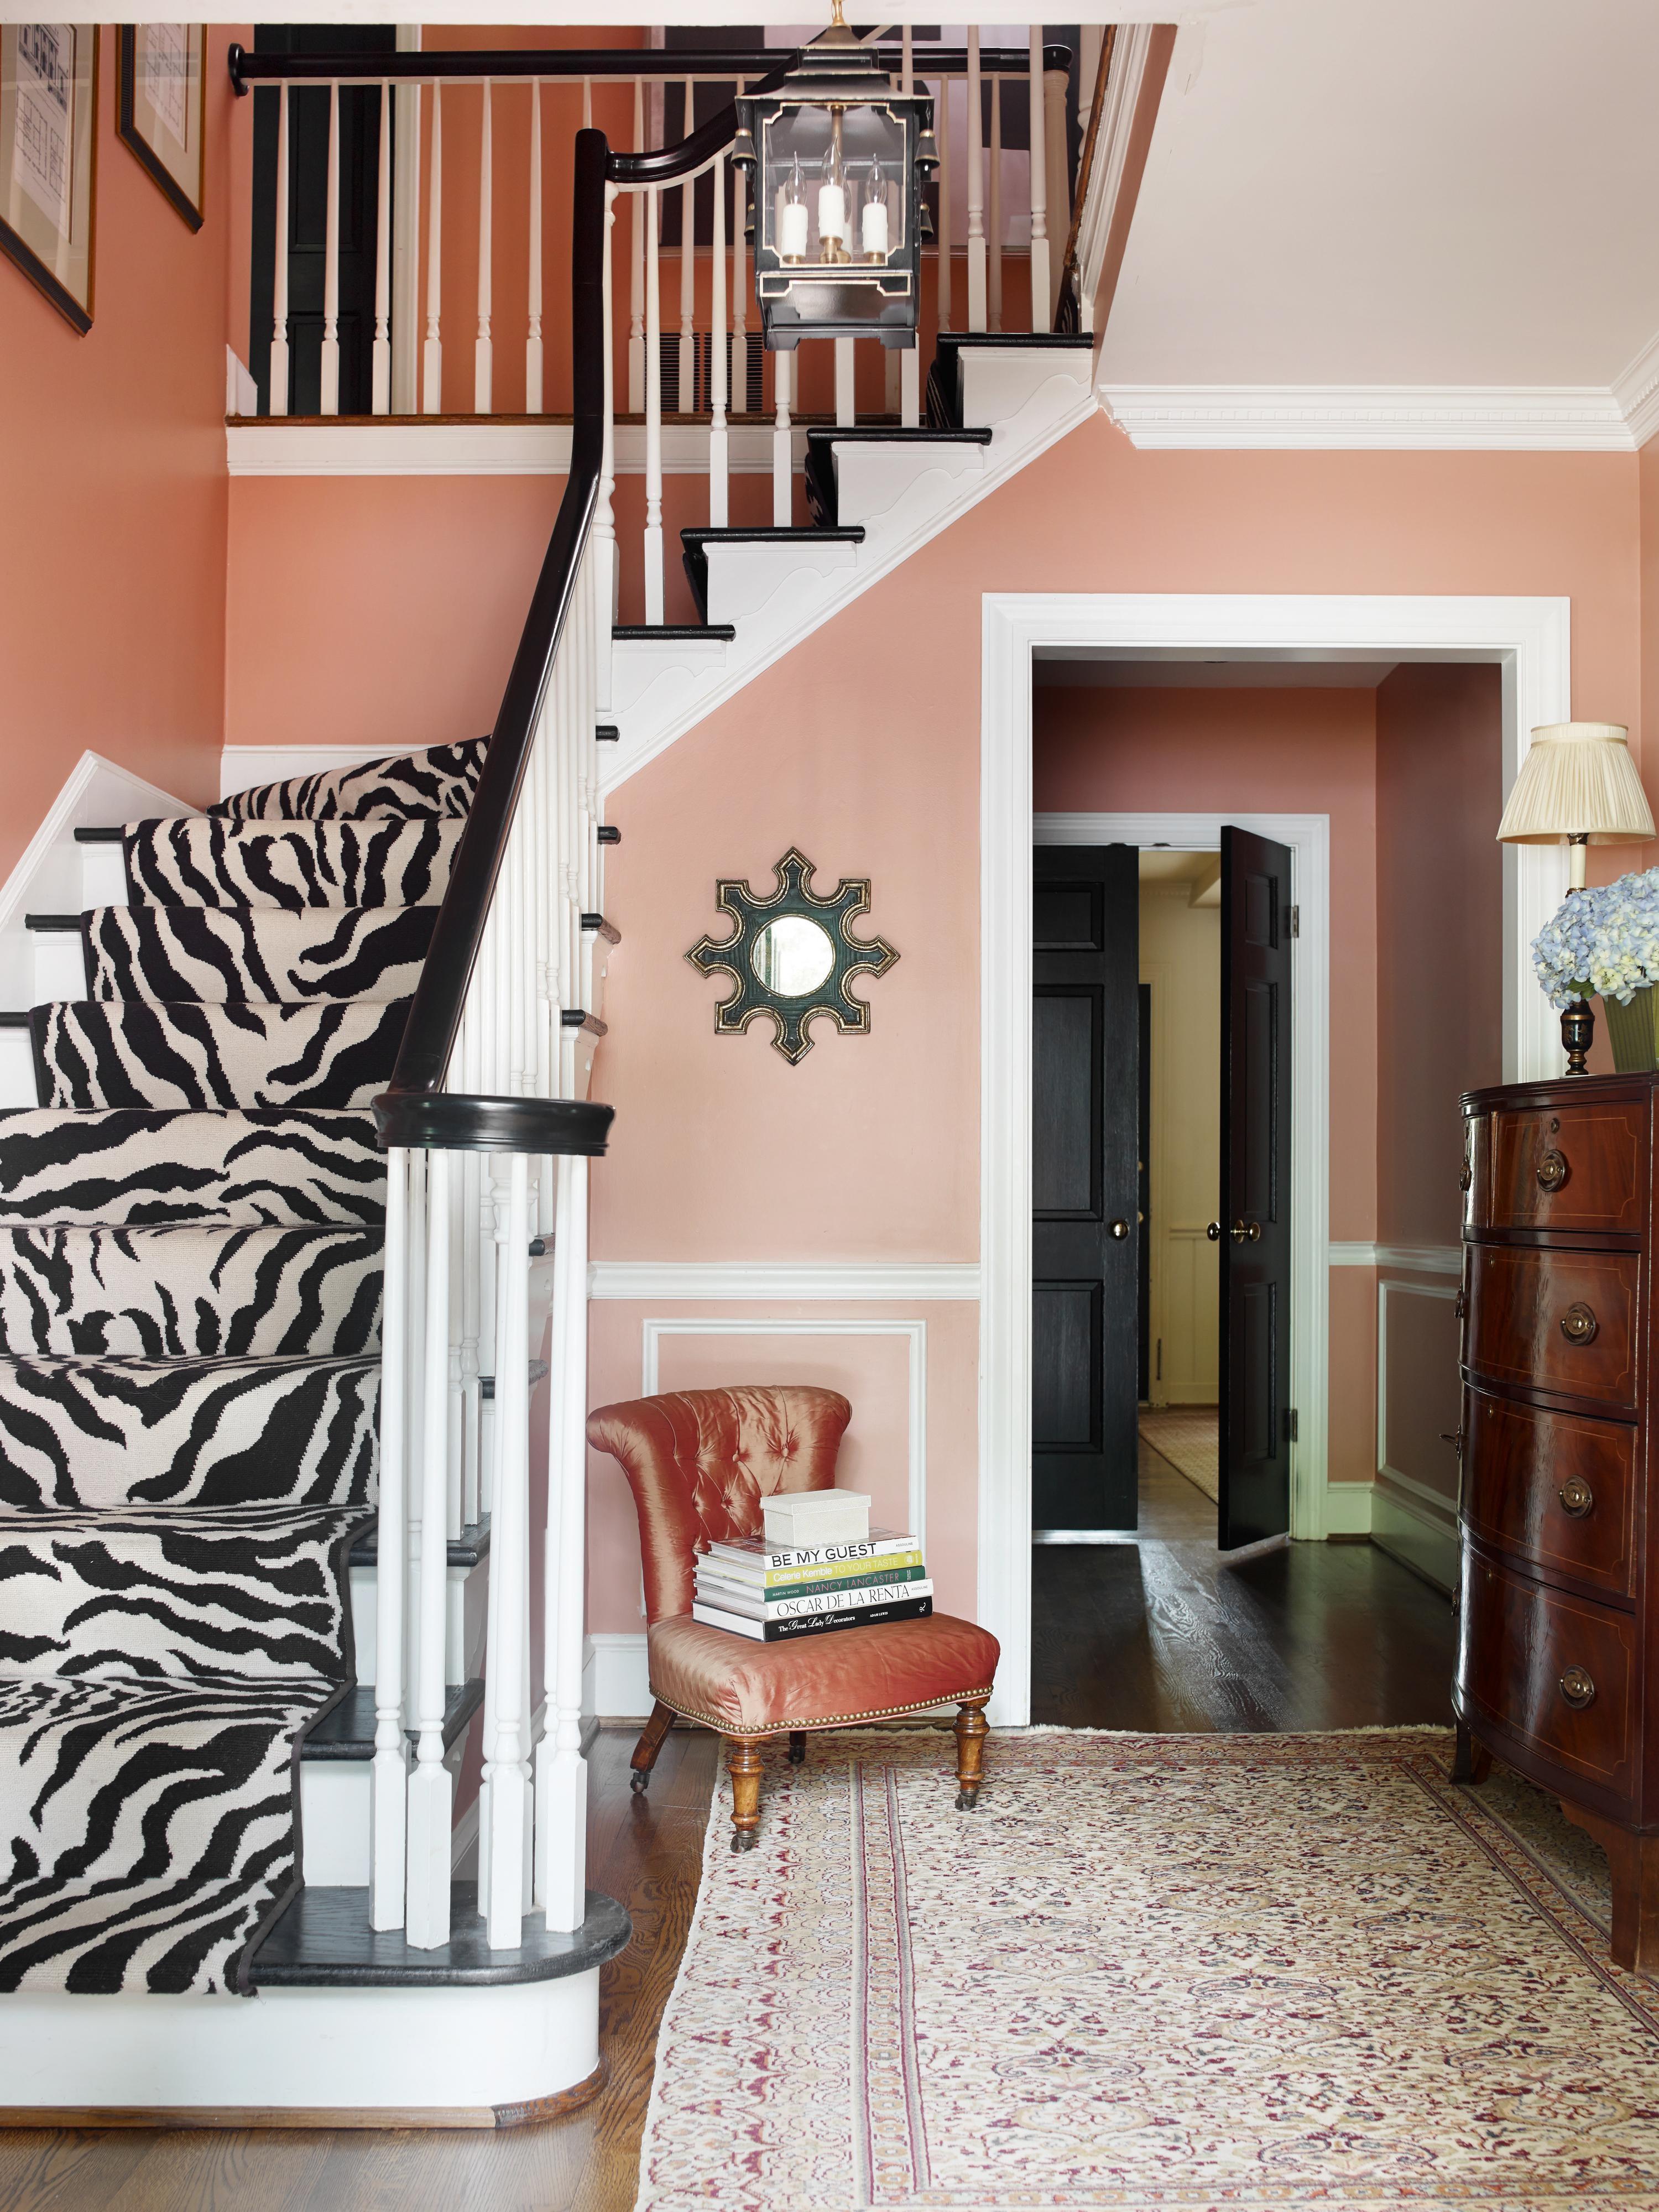 Superb Catherine.m.austin.interior.design.portfolio.interiors.foyer.